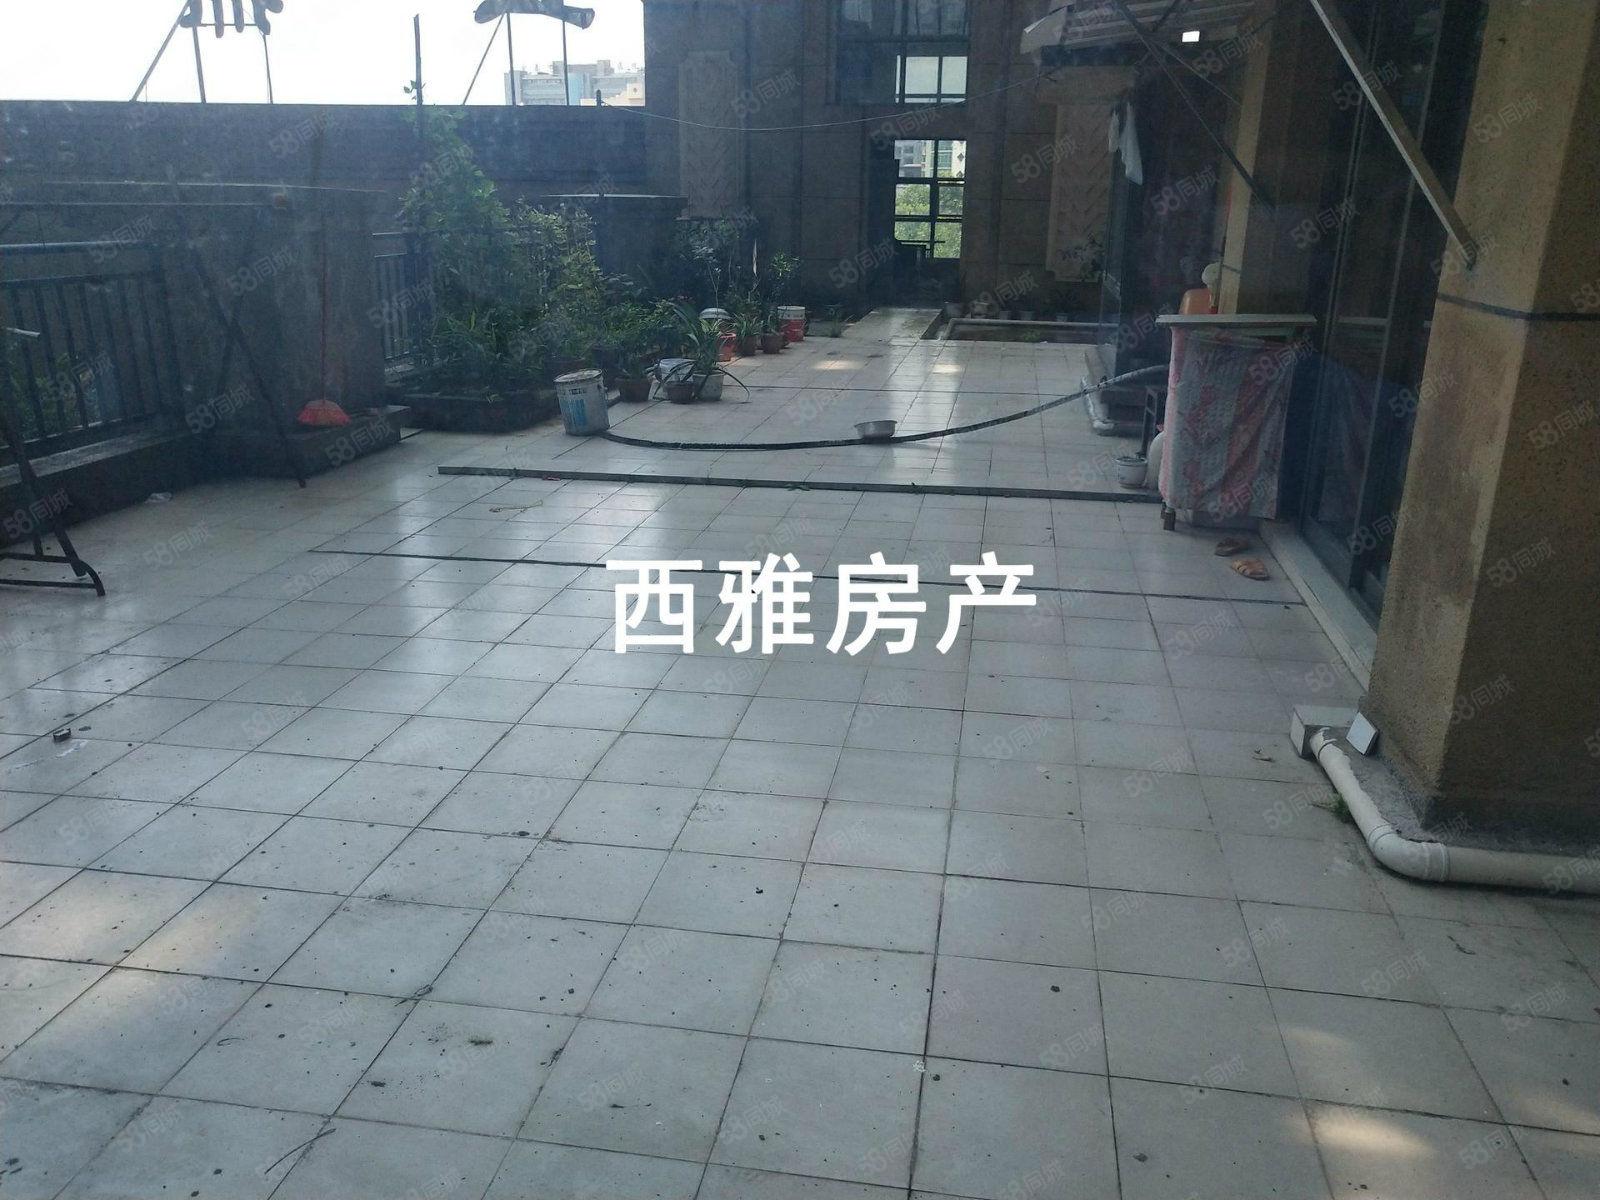 五鼎园,豪华装修,房子前后带露台阳台,采光足,近宜春三中